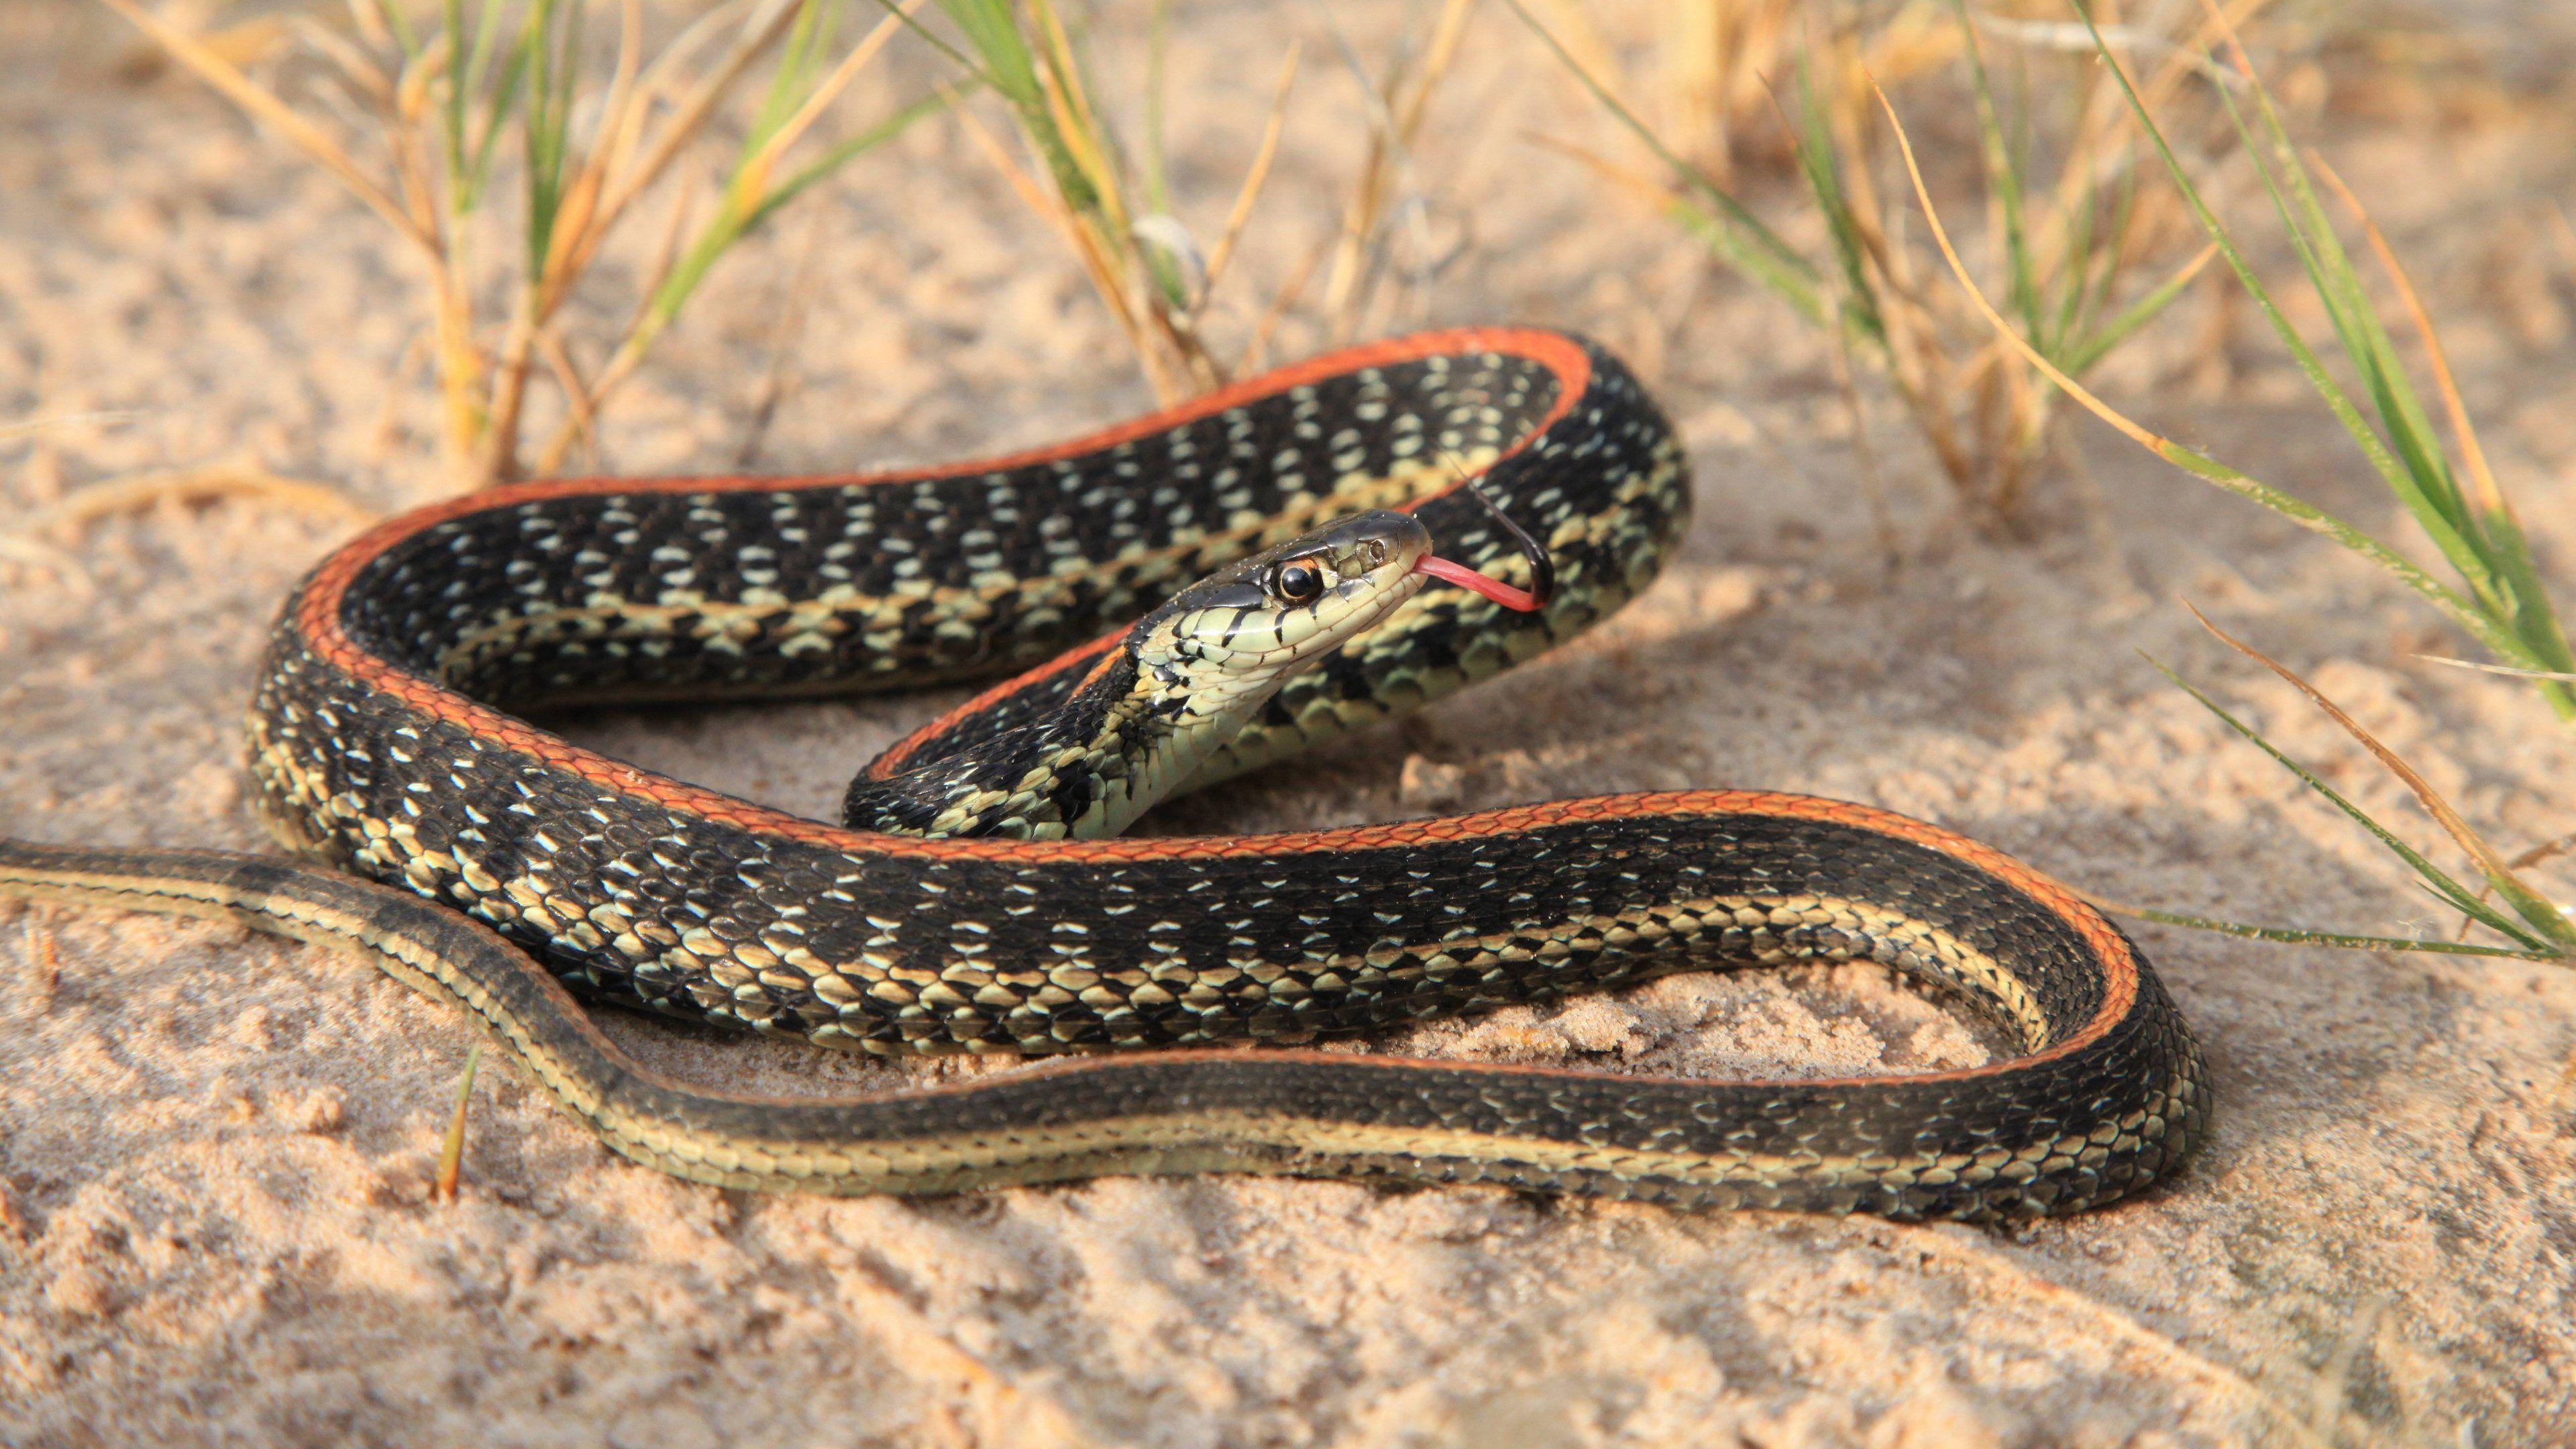 Texas Garter Snake | HD Snake Wallpapers | Pinterest | Snake and ...